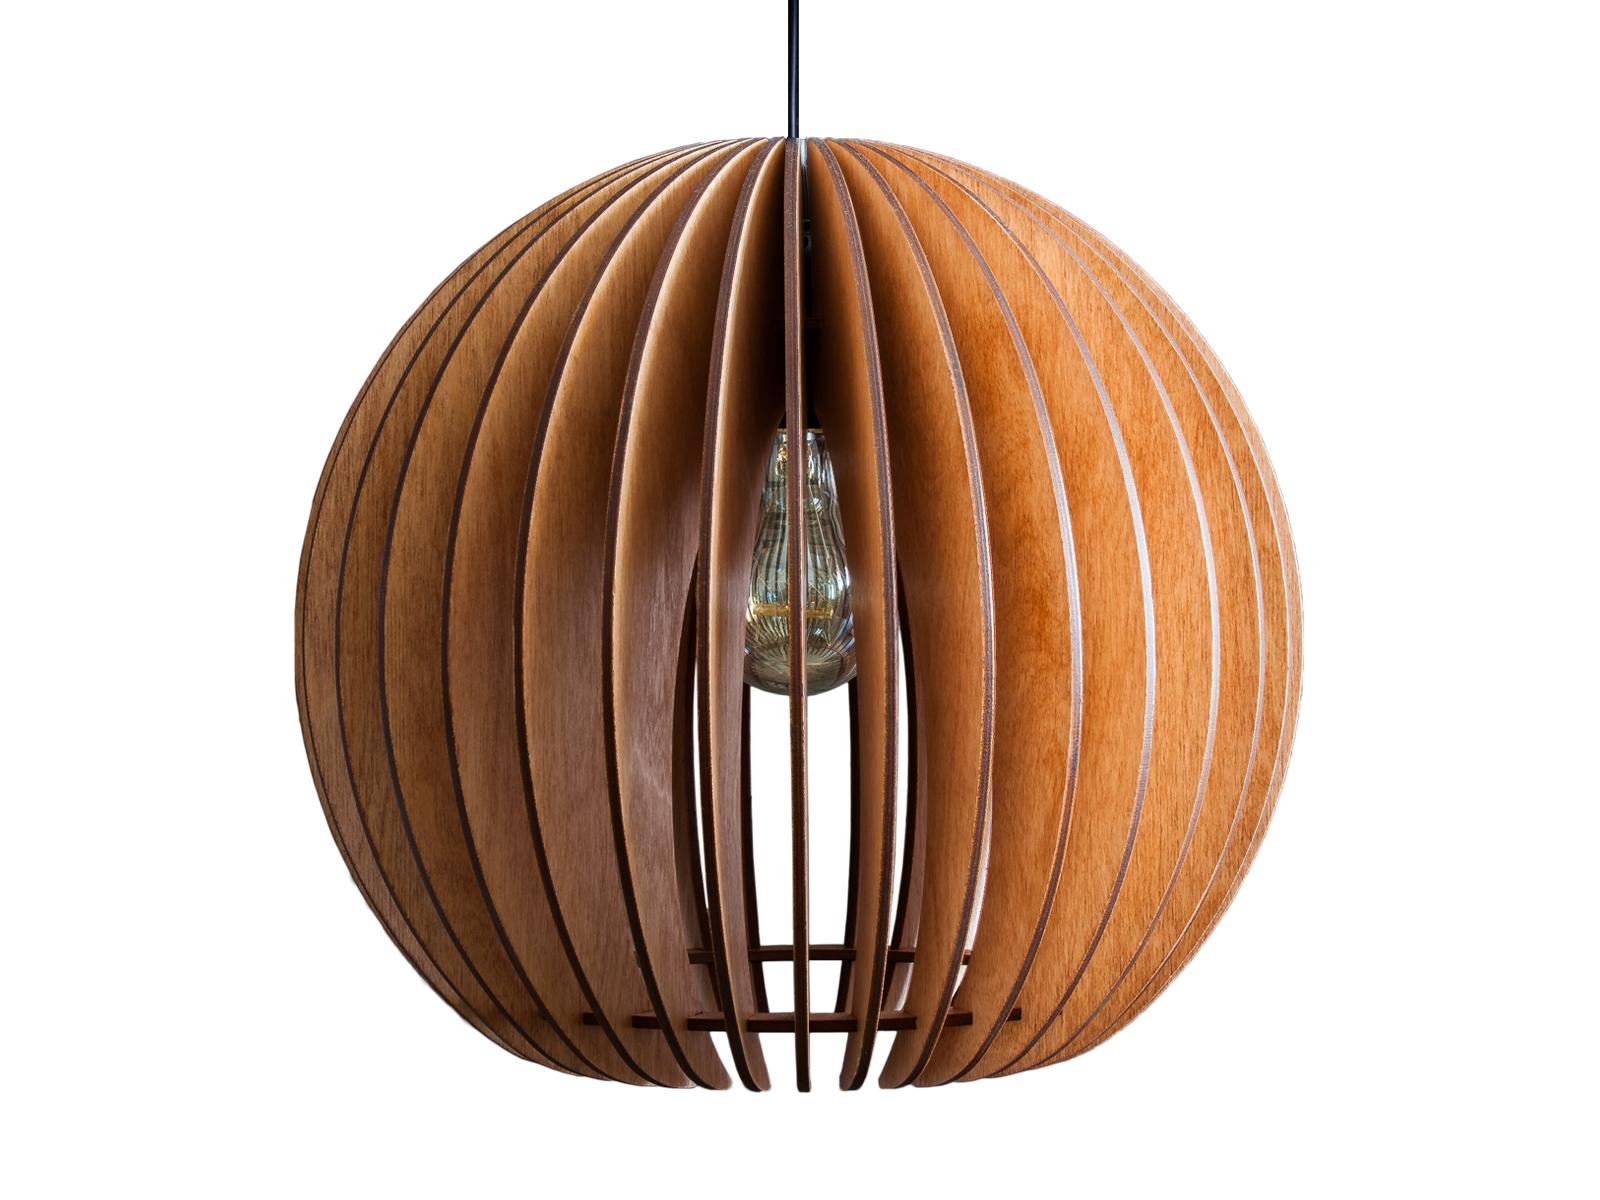 Светильник СфераПодвесные светильники<br>Классический шар подходит для любых пространств. Лампа изготовлена из натуральной березовой фанеры и обработана мебельным воском по английской технологии. Воск переливается, блестит, подчеркивает текстуру дерева и очень устойчив к царапинам. Прекрасно подходит как для классических интерьеров, так и для техно и лофт стилей.&amp;amp;nbsp;&amp;lt;div&amp;gt;Мы рекомендуем использовать светодиодные (LED) лампы, но вы также можете использовать и классические лампы накаливания и ретро-лампочки Эдисона.&amp;lt;/div&amp;gt;&amp;lt;div&amp;gt;&amp;lt;br&amp;gt;&amp;lt;/div&amp;gt;&amp;lt;div&amp;gt;&amp;lt;div style=&amp;quot;font-size: 14px;&amp;quot;&amp;gt;&amp;lt;span style=&amp;quot;font-size: 14px;&amp;quot;&amp;gt;Тип цоколя: E27&amp;lt;/span&amp;gt;&amp;lt;br&amp;gt;&amp;lt;/div&amp;gt;&amp;lt;div style=&amp;quot;font-size: 14px;&amp;quot;&amp;gt;&amp;lt;div&amp;gt;Мощность: 40W&amp;lt;/div&amp;gt;&amp;lt;div&amp;gt;Кол-во ламп: 1 (нет в комплекте)&amp;lt;/div&amp;gt;&amp;lt;/div&amp;gt;&amp;lt;div style=&amp;quot;font-size: 14px;&amp;quot;&amp;gt;&amp;lt;br&amp;gt;&amp;lt;/div&amp;gt;&amp;lt;div style=&amp;quot;font-size: 14px;&amp;quot;&amp;gt;Длина провода 150 см.&amp;lt;br&amp;gt;&amp;lt;/div&amp;gt;&amp;lt;div style=&amp;quot;font-size: 14px;&amp;quot;&amp;gt;&amp;lt;span style=&amp;quot;font-size: 14px;&amp;quot;&amp;gt;Не рекомендуется использование лампы мощнее 60 Вт.&amp;lt;/span&amp;gt;&amp;lt;/div&amp;gt;&amp;lt;/div&amp;gt;<br><br>Material: Дерево<br>Высота см: 34